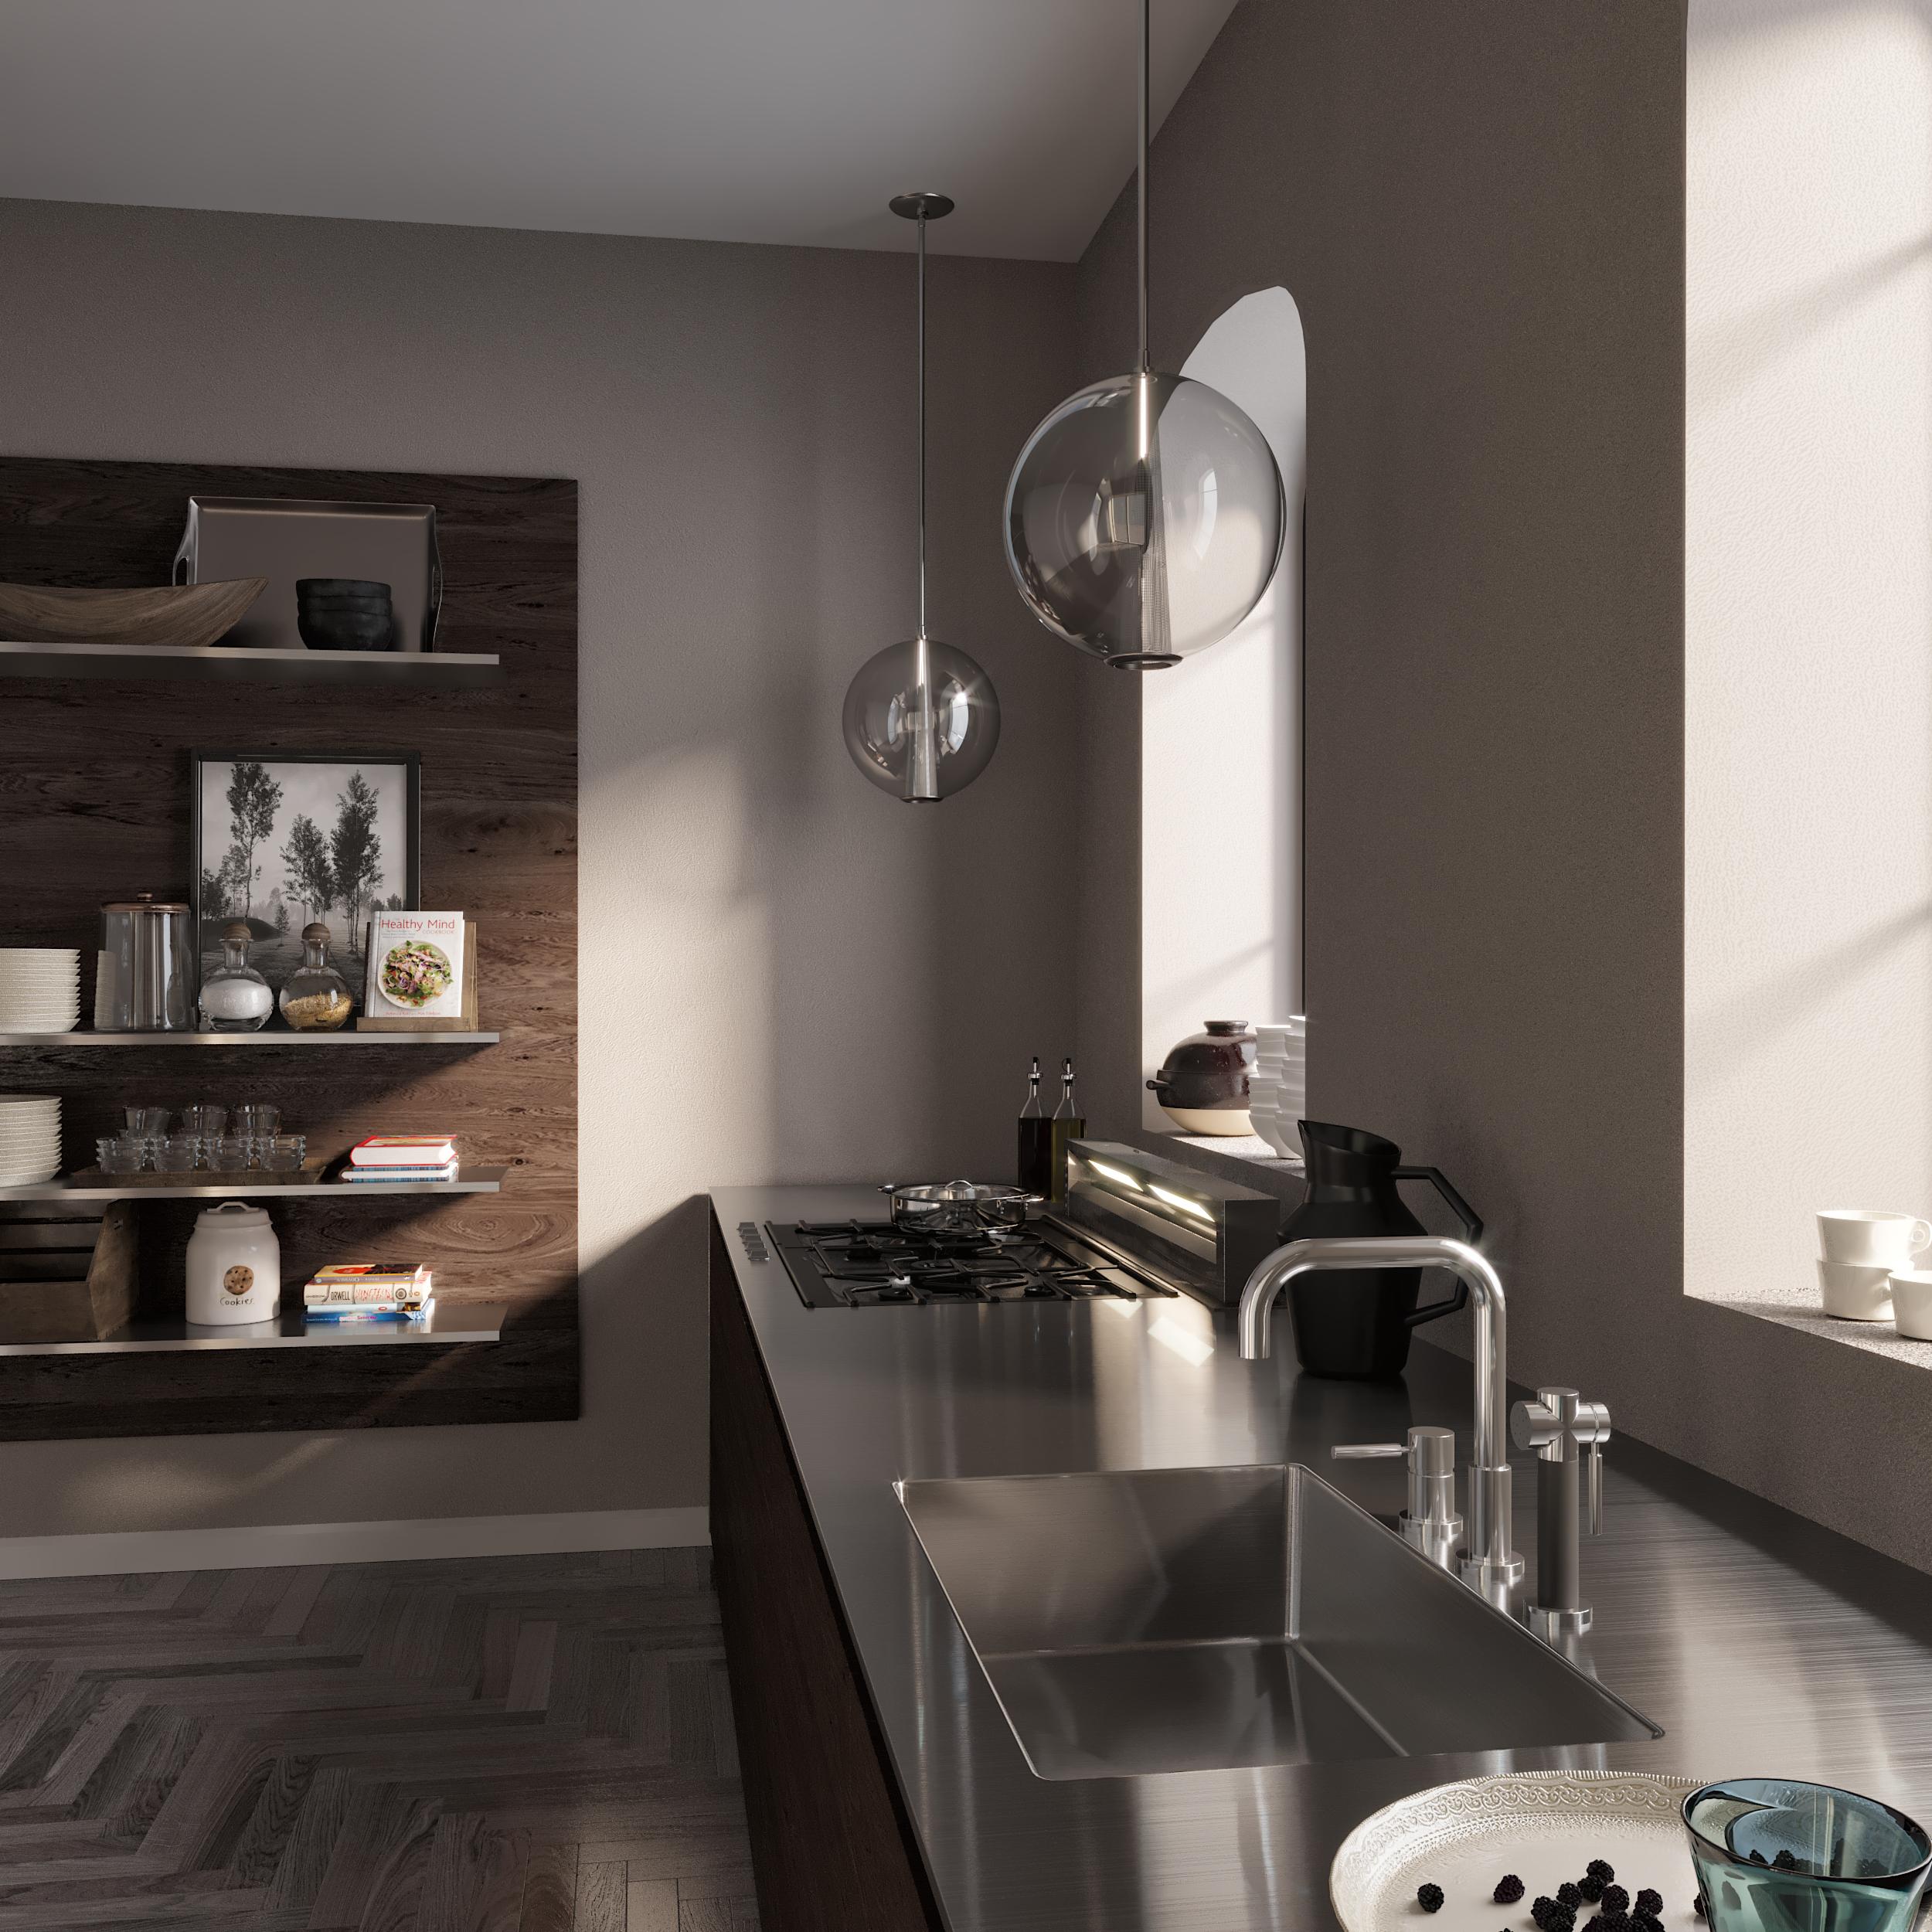 Pensili Per Cucina Prezzi come scegliere la cucina: i consigli dell'architetto per non